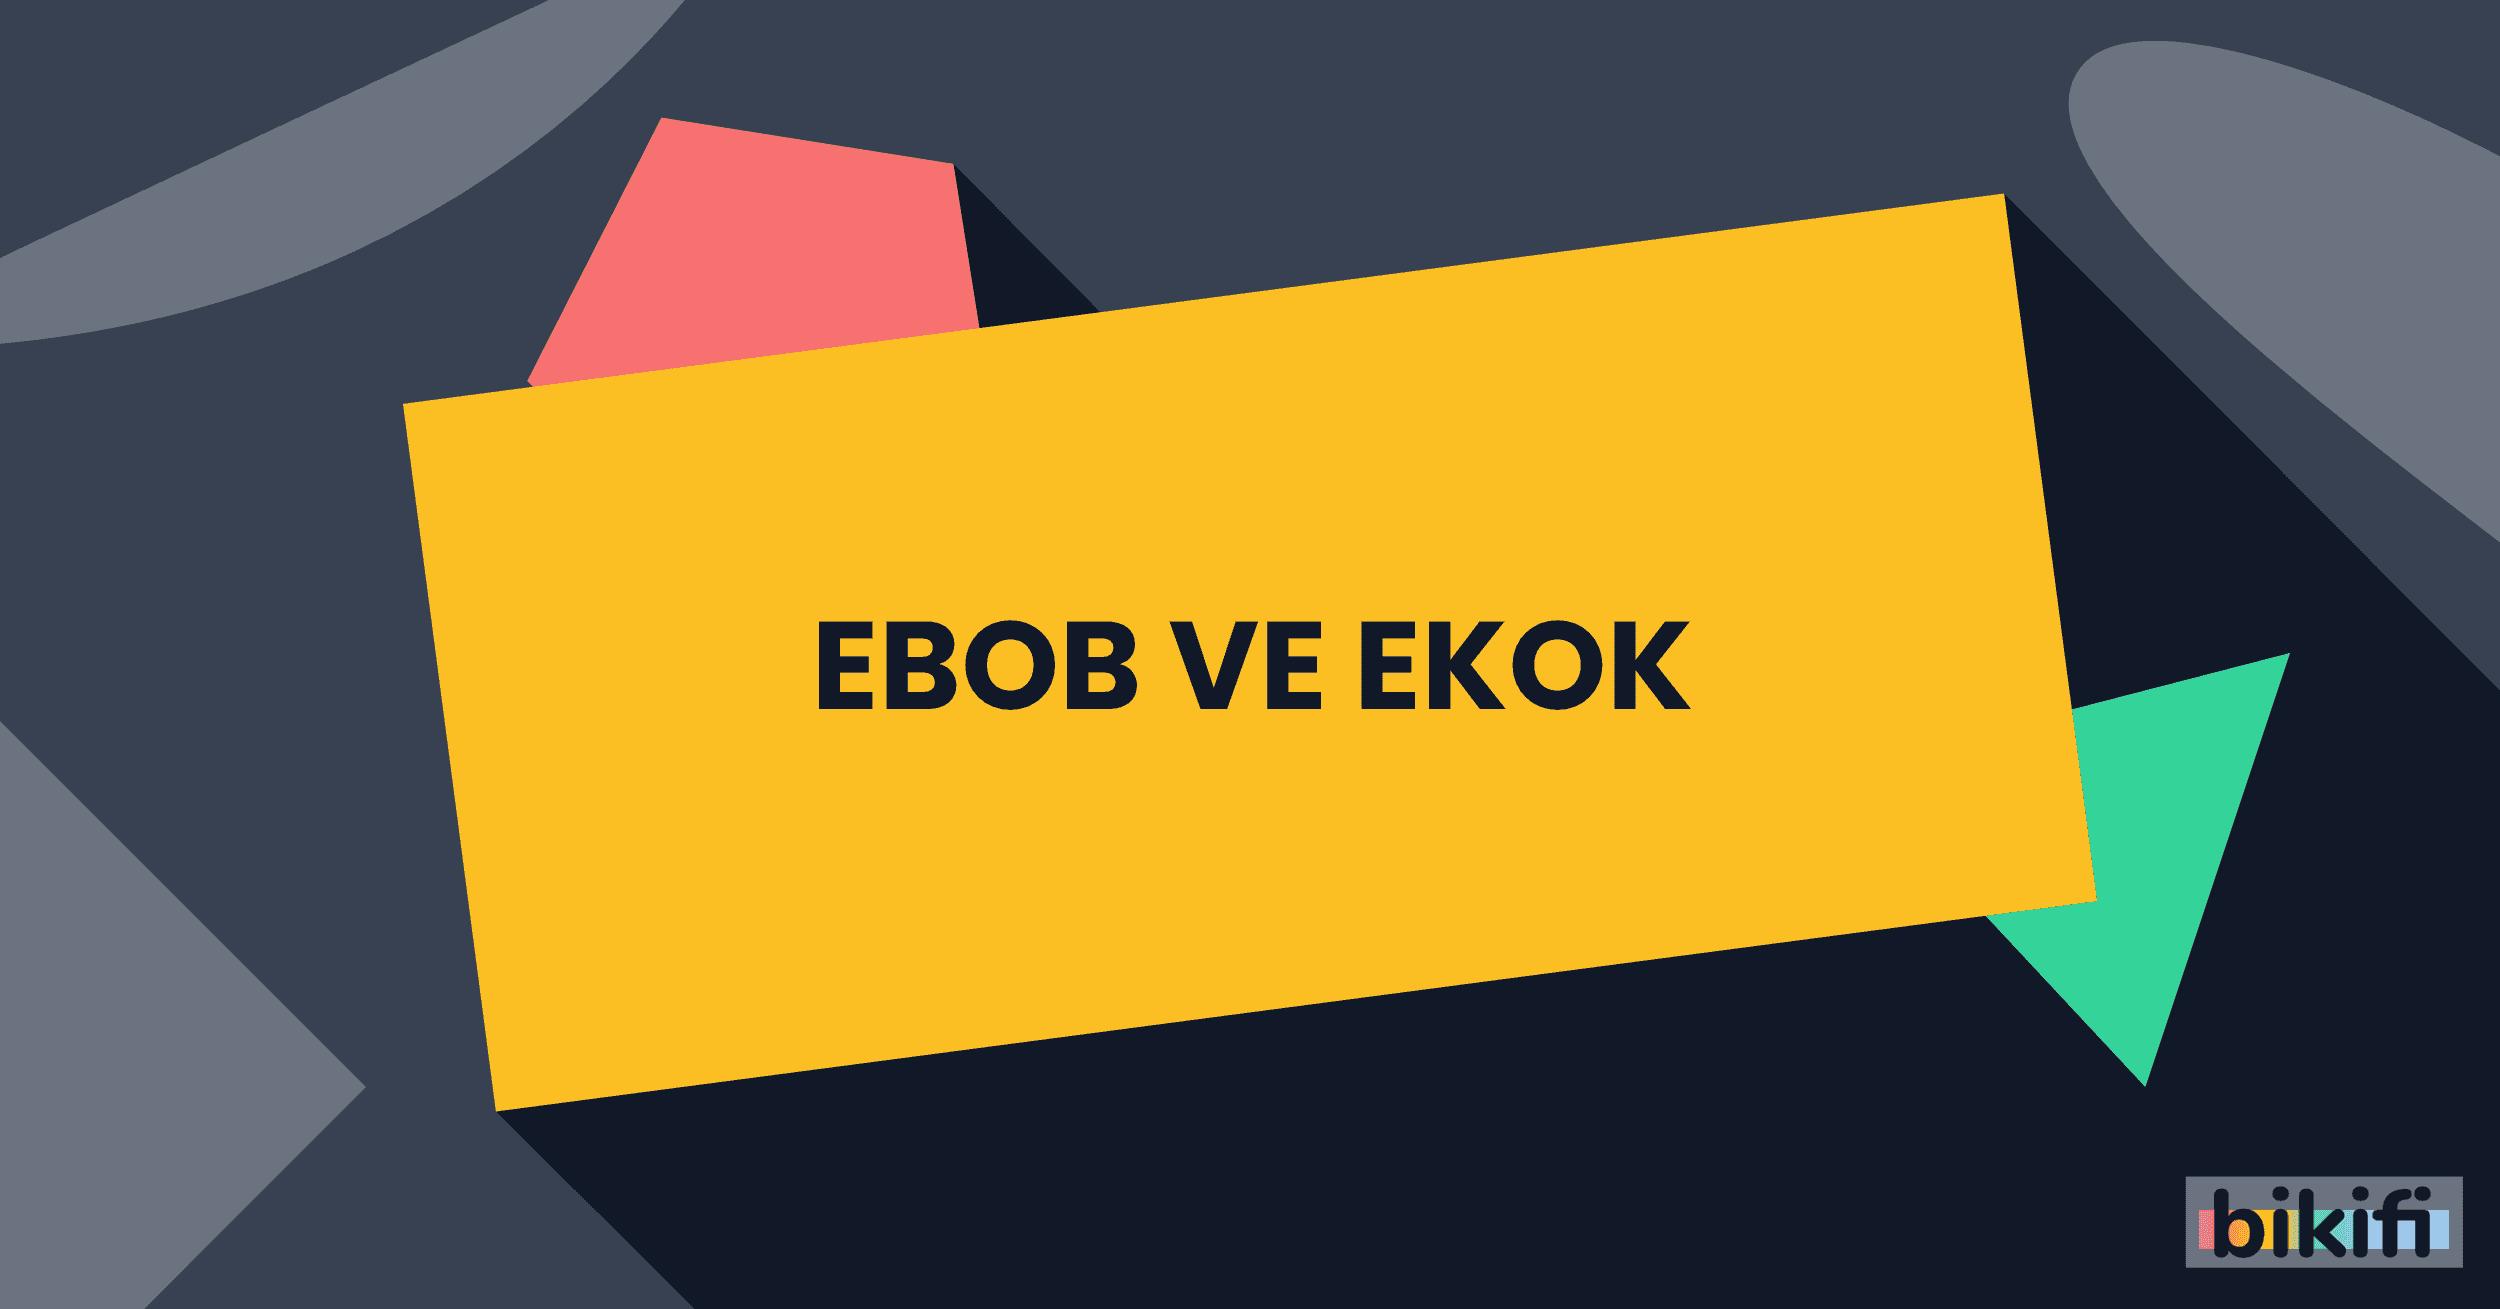 EBOB ve EKOK